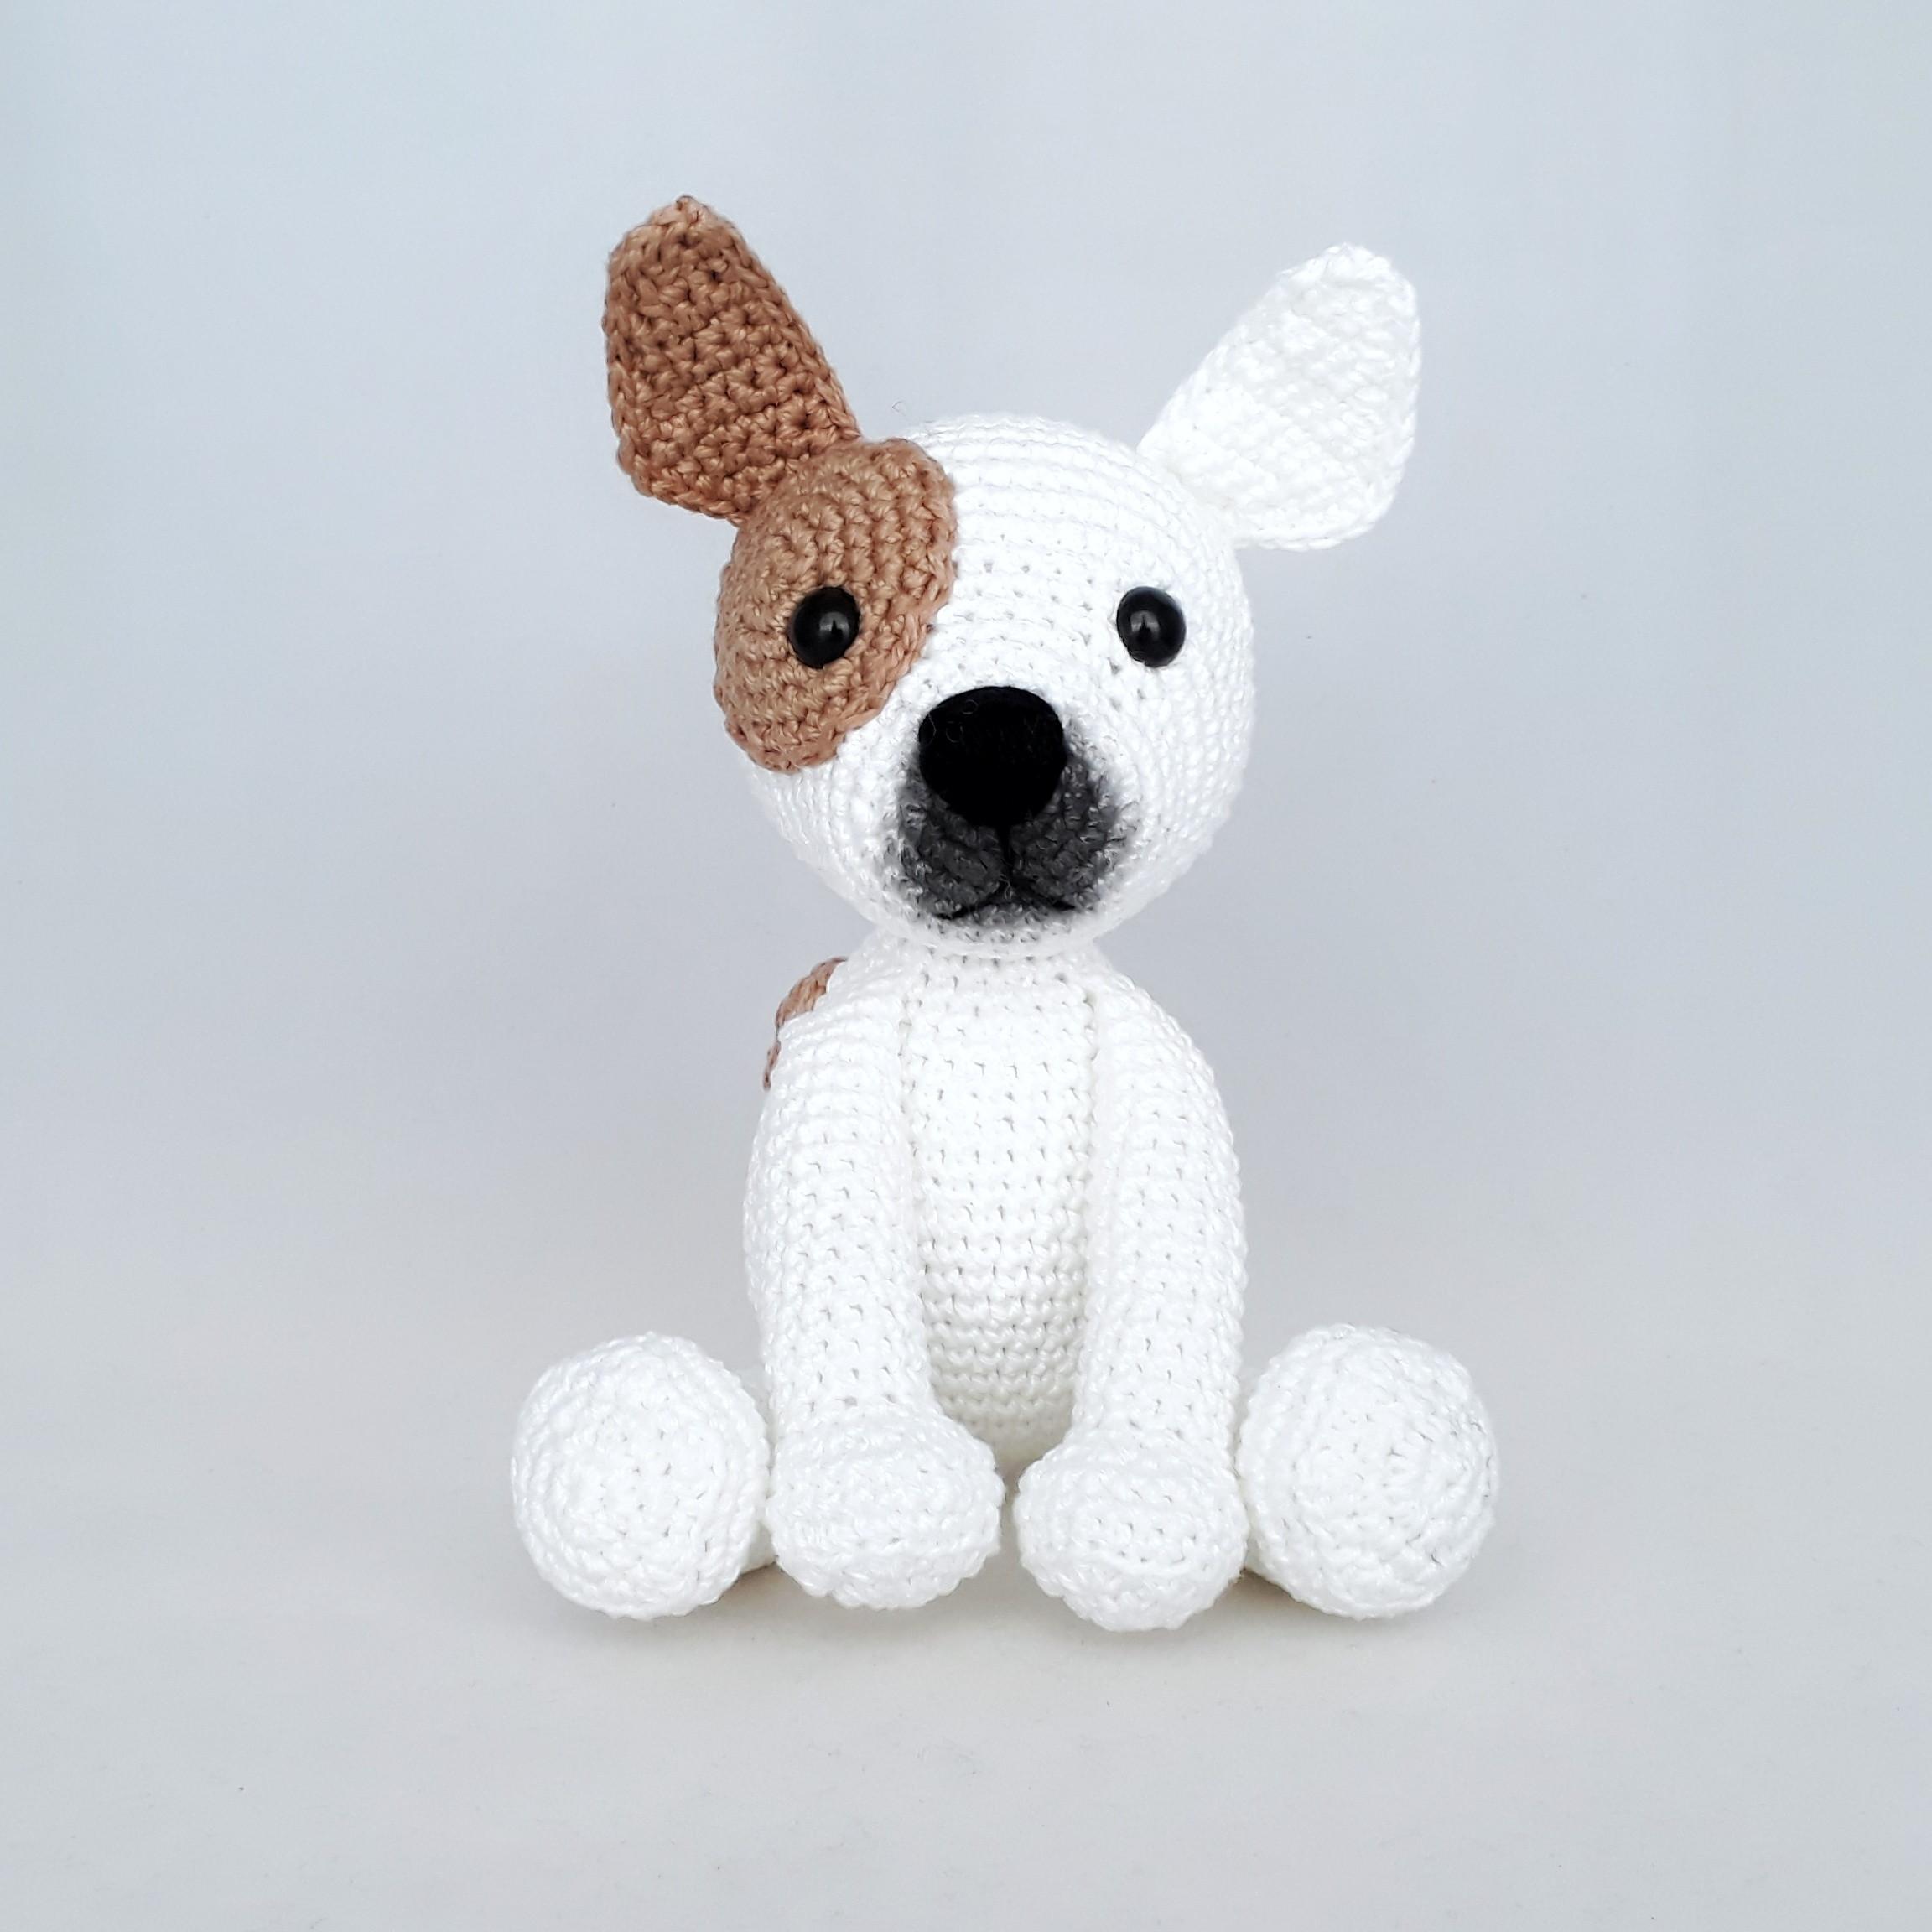 Crochet Bulldog - Pattern, PDF in English, Amigurumi Bulldog ... | 2304x2304